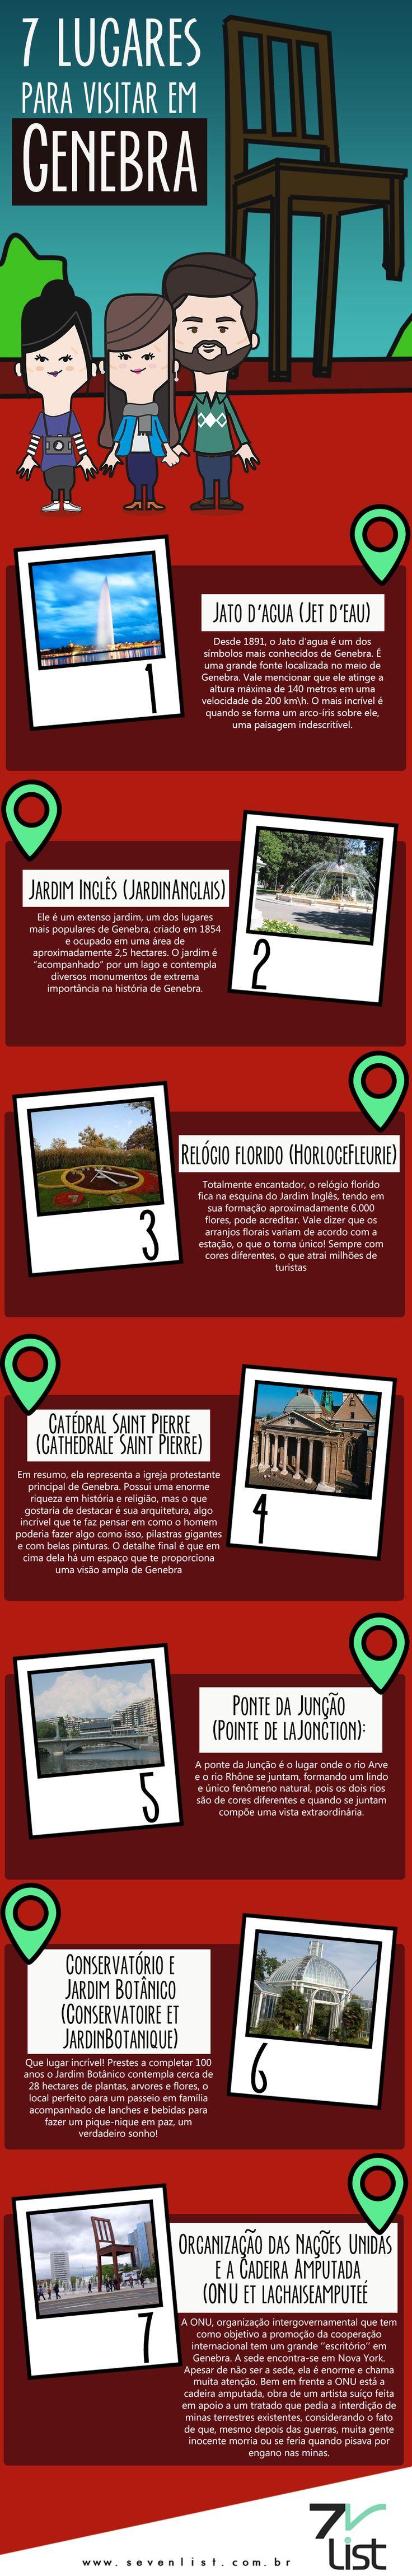 Hoje o Seven List trouxe uma lista mega especial para quem gosta de turismo e claro de conhecer novos lugares. Diretamente de Genebra, na Suíça, trouxemos uma lista com 7 lugares para visitar em Genebra. #SevenList #Genebra #Suiça #Viagem #DicasdeViagem #Trip #Travel #PontosTurísticos #